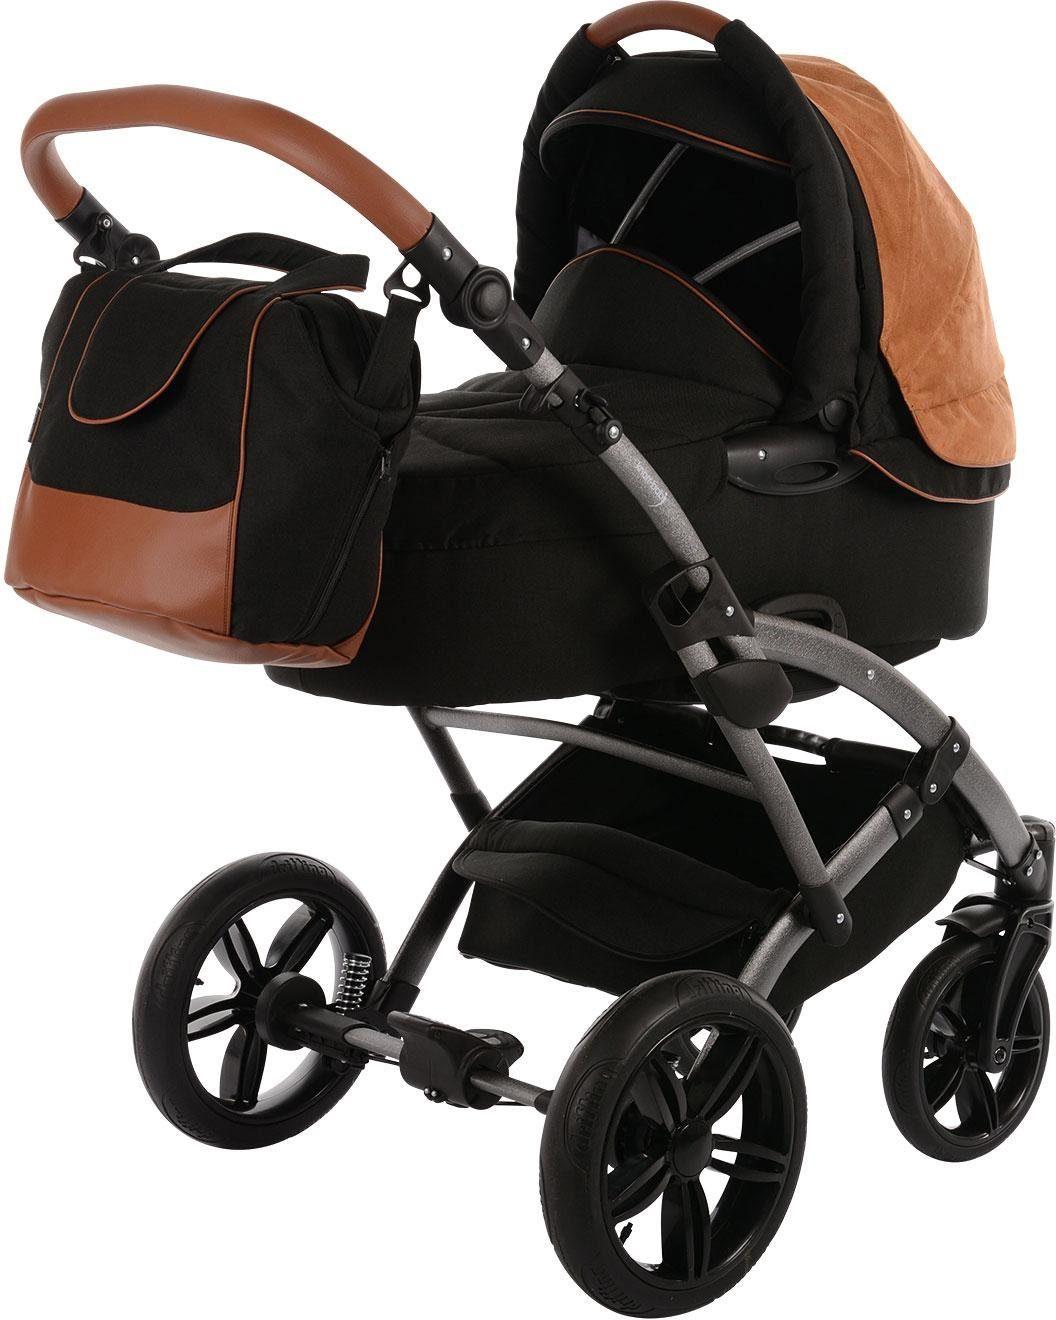 knorr-baby Kombi-Kinderwagen Set, »Voletto Premium, schwarz«